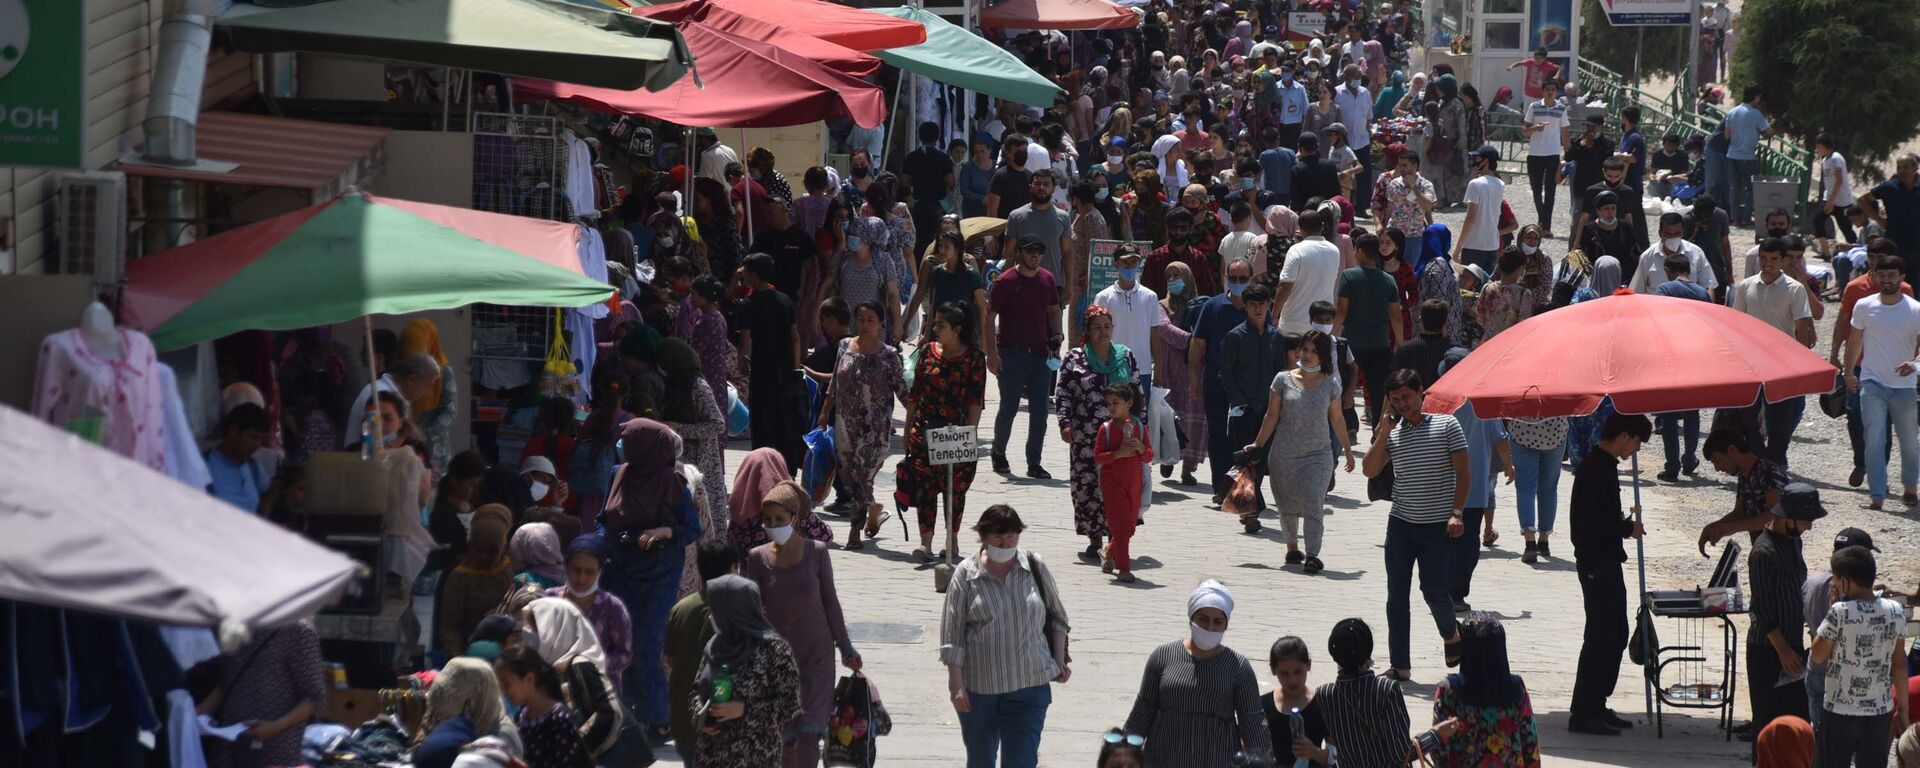 В Душанбе открылась ярмарка школьных товаров - Sputnik Таджикистан, 1920, 21.06.2021